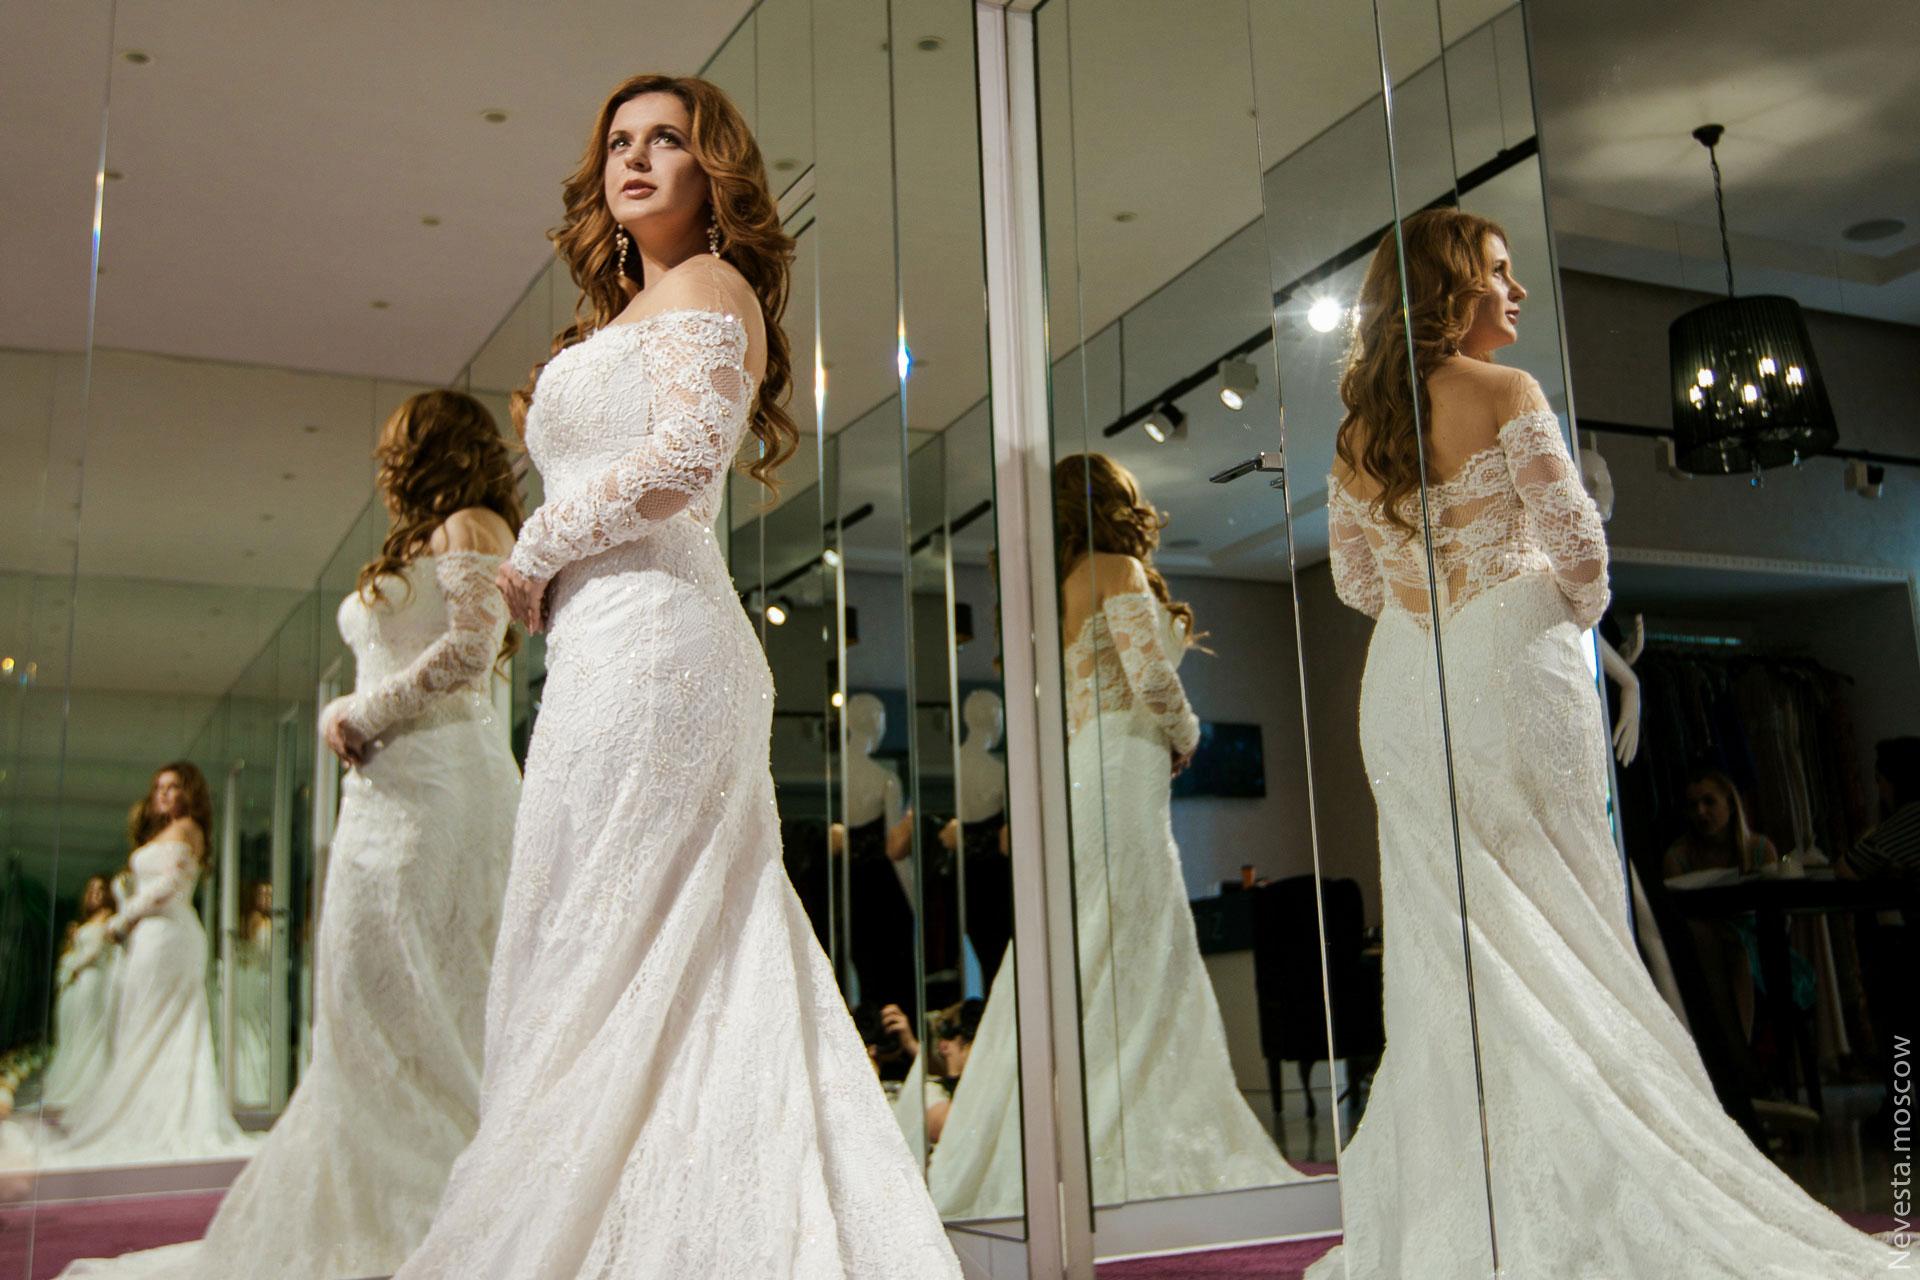 Анастасия Денисова выбирает образ для своей свадьбы фото 12